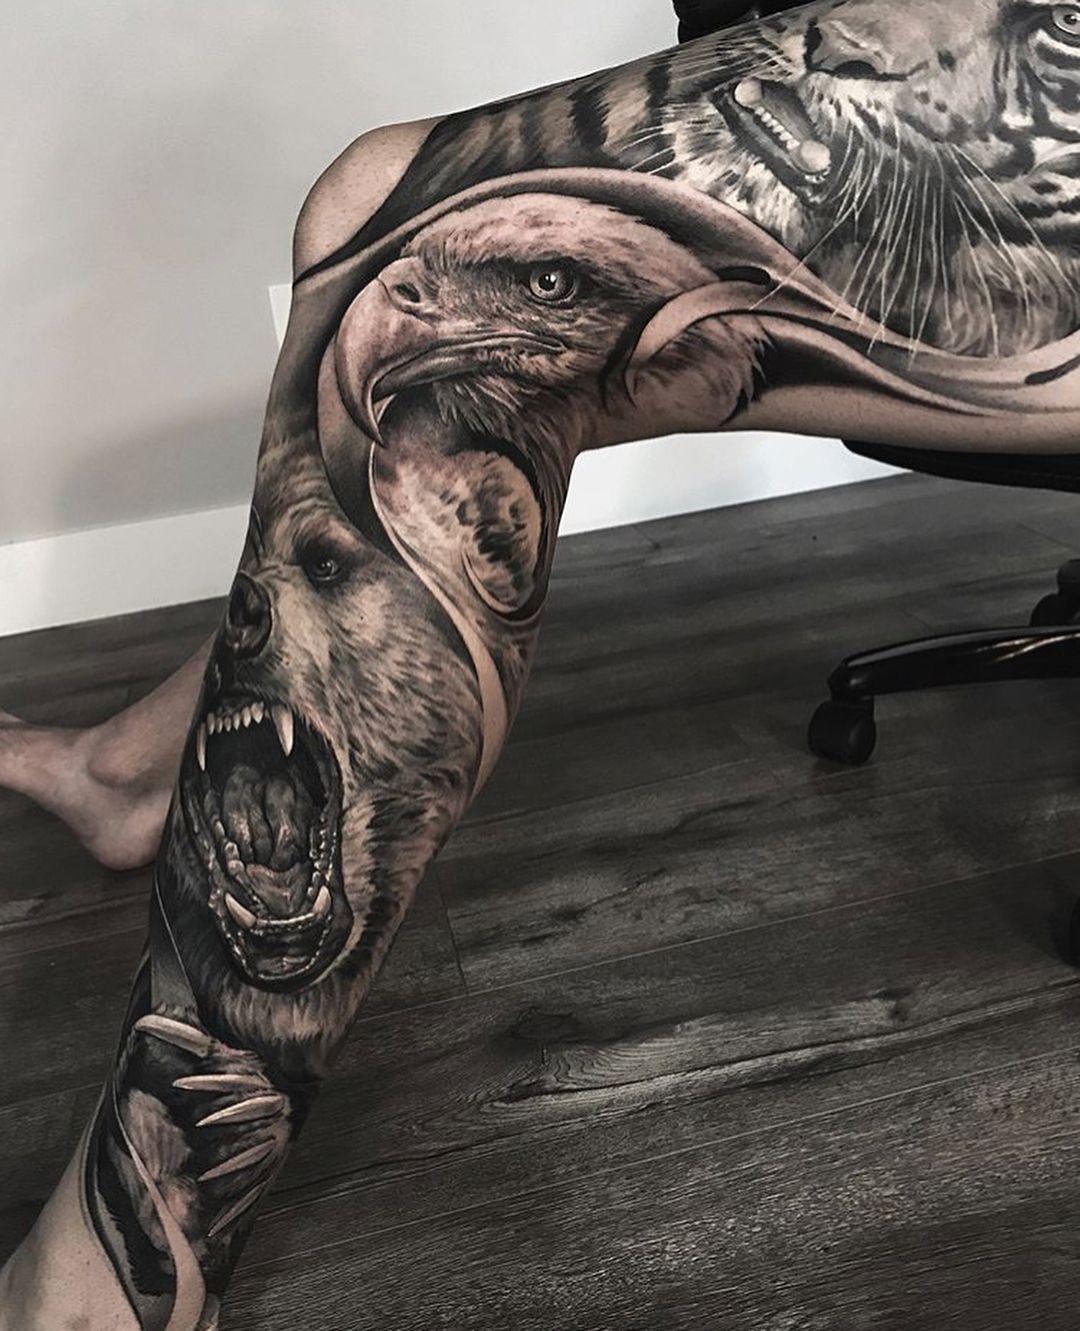 Pin by Patrick on Tattoos Leg tattoo men, Full leg tattoos